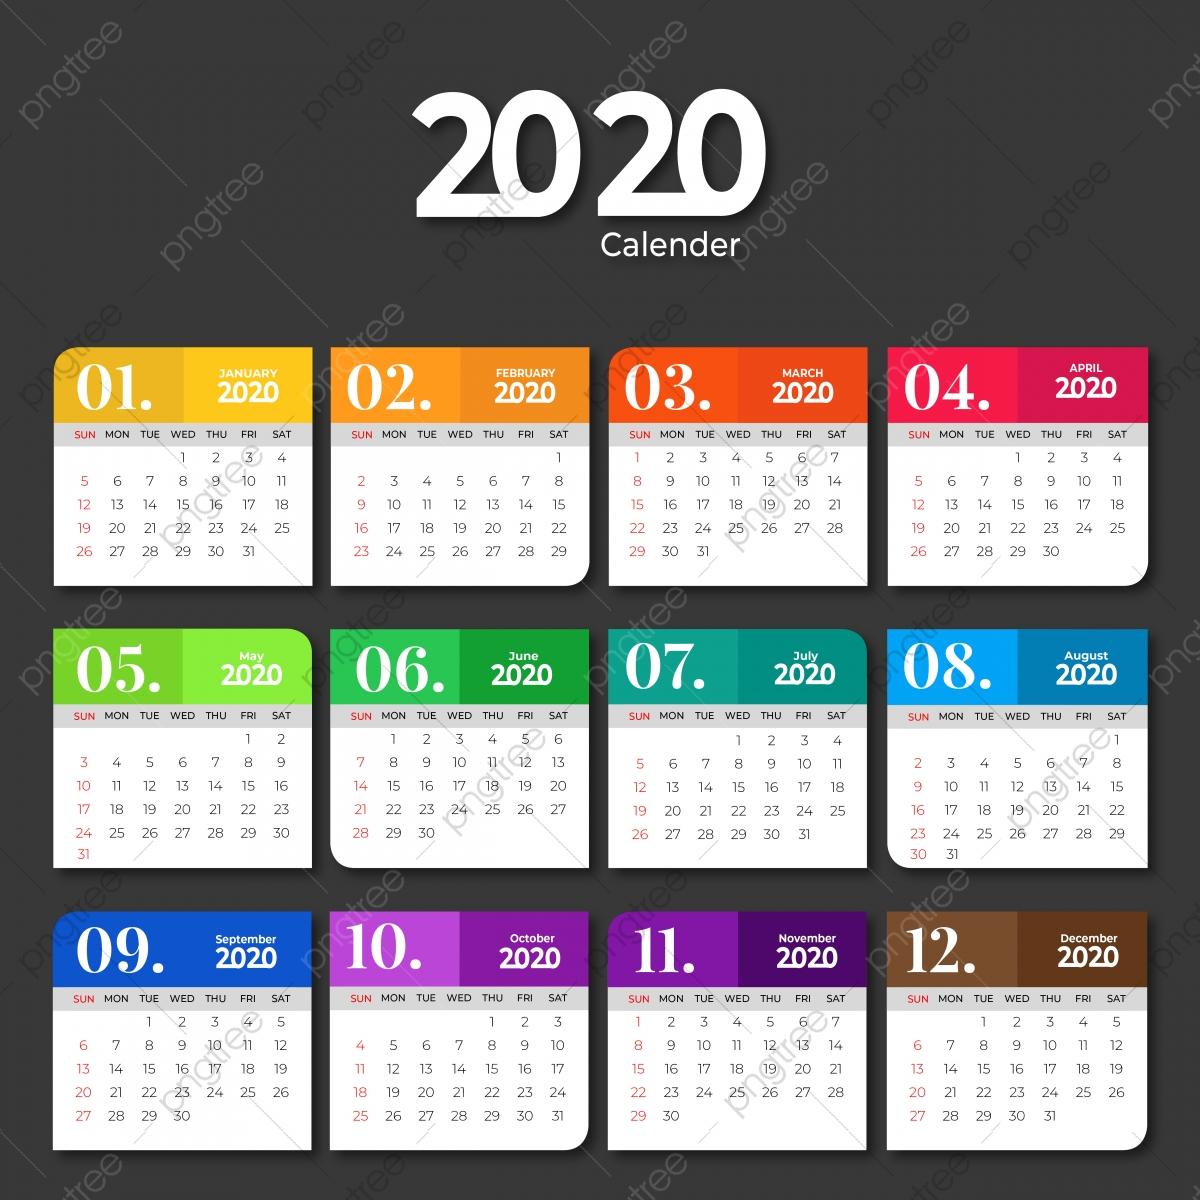 Шаблон Календаря 2020 Года С Сплошными Цветами, Шаблон